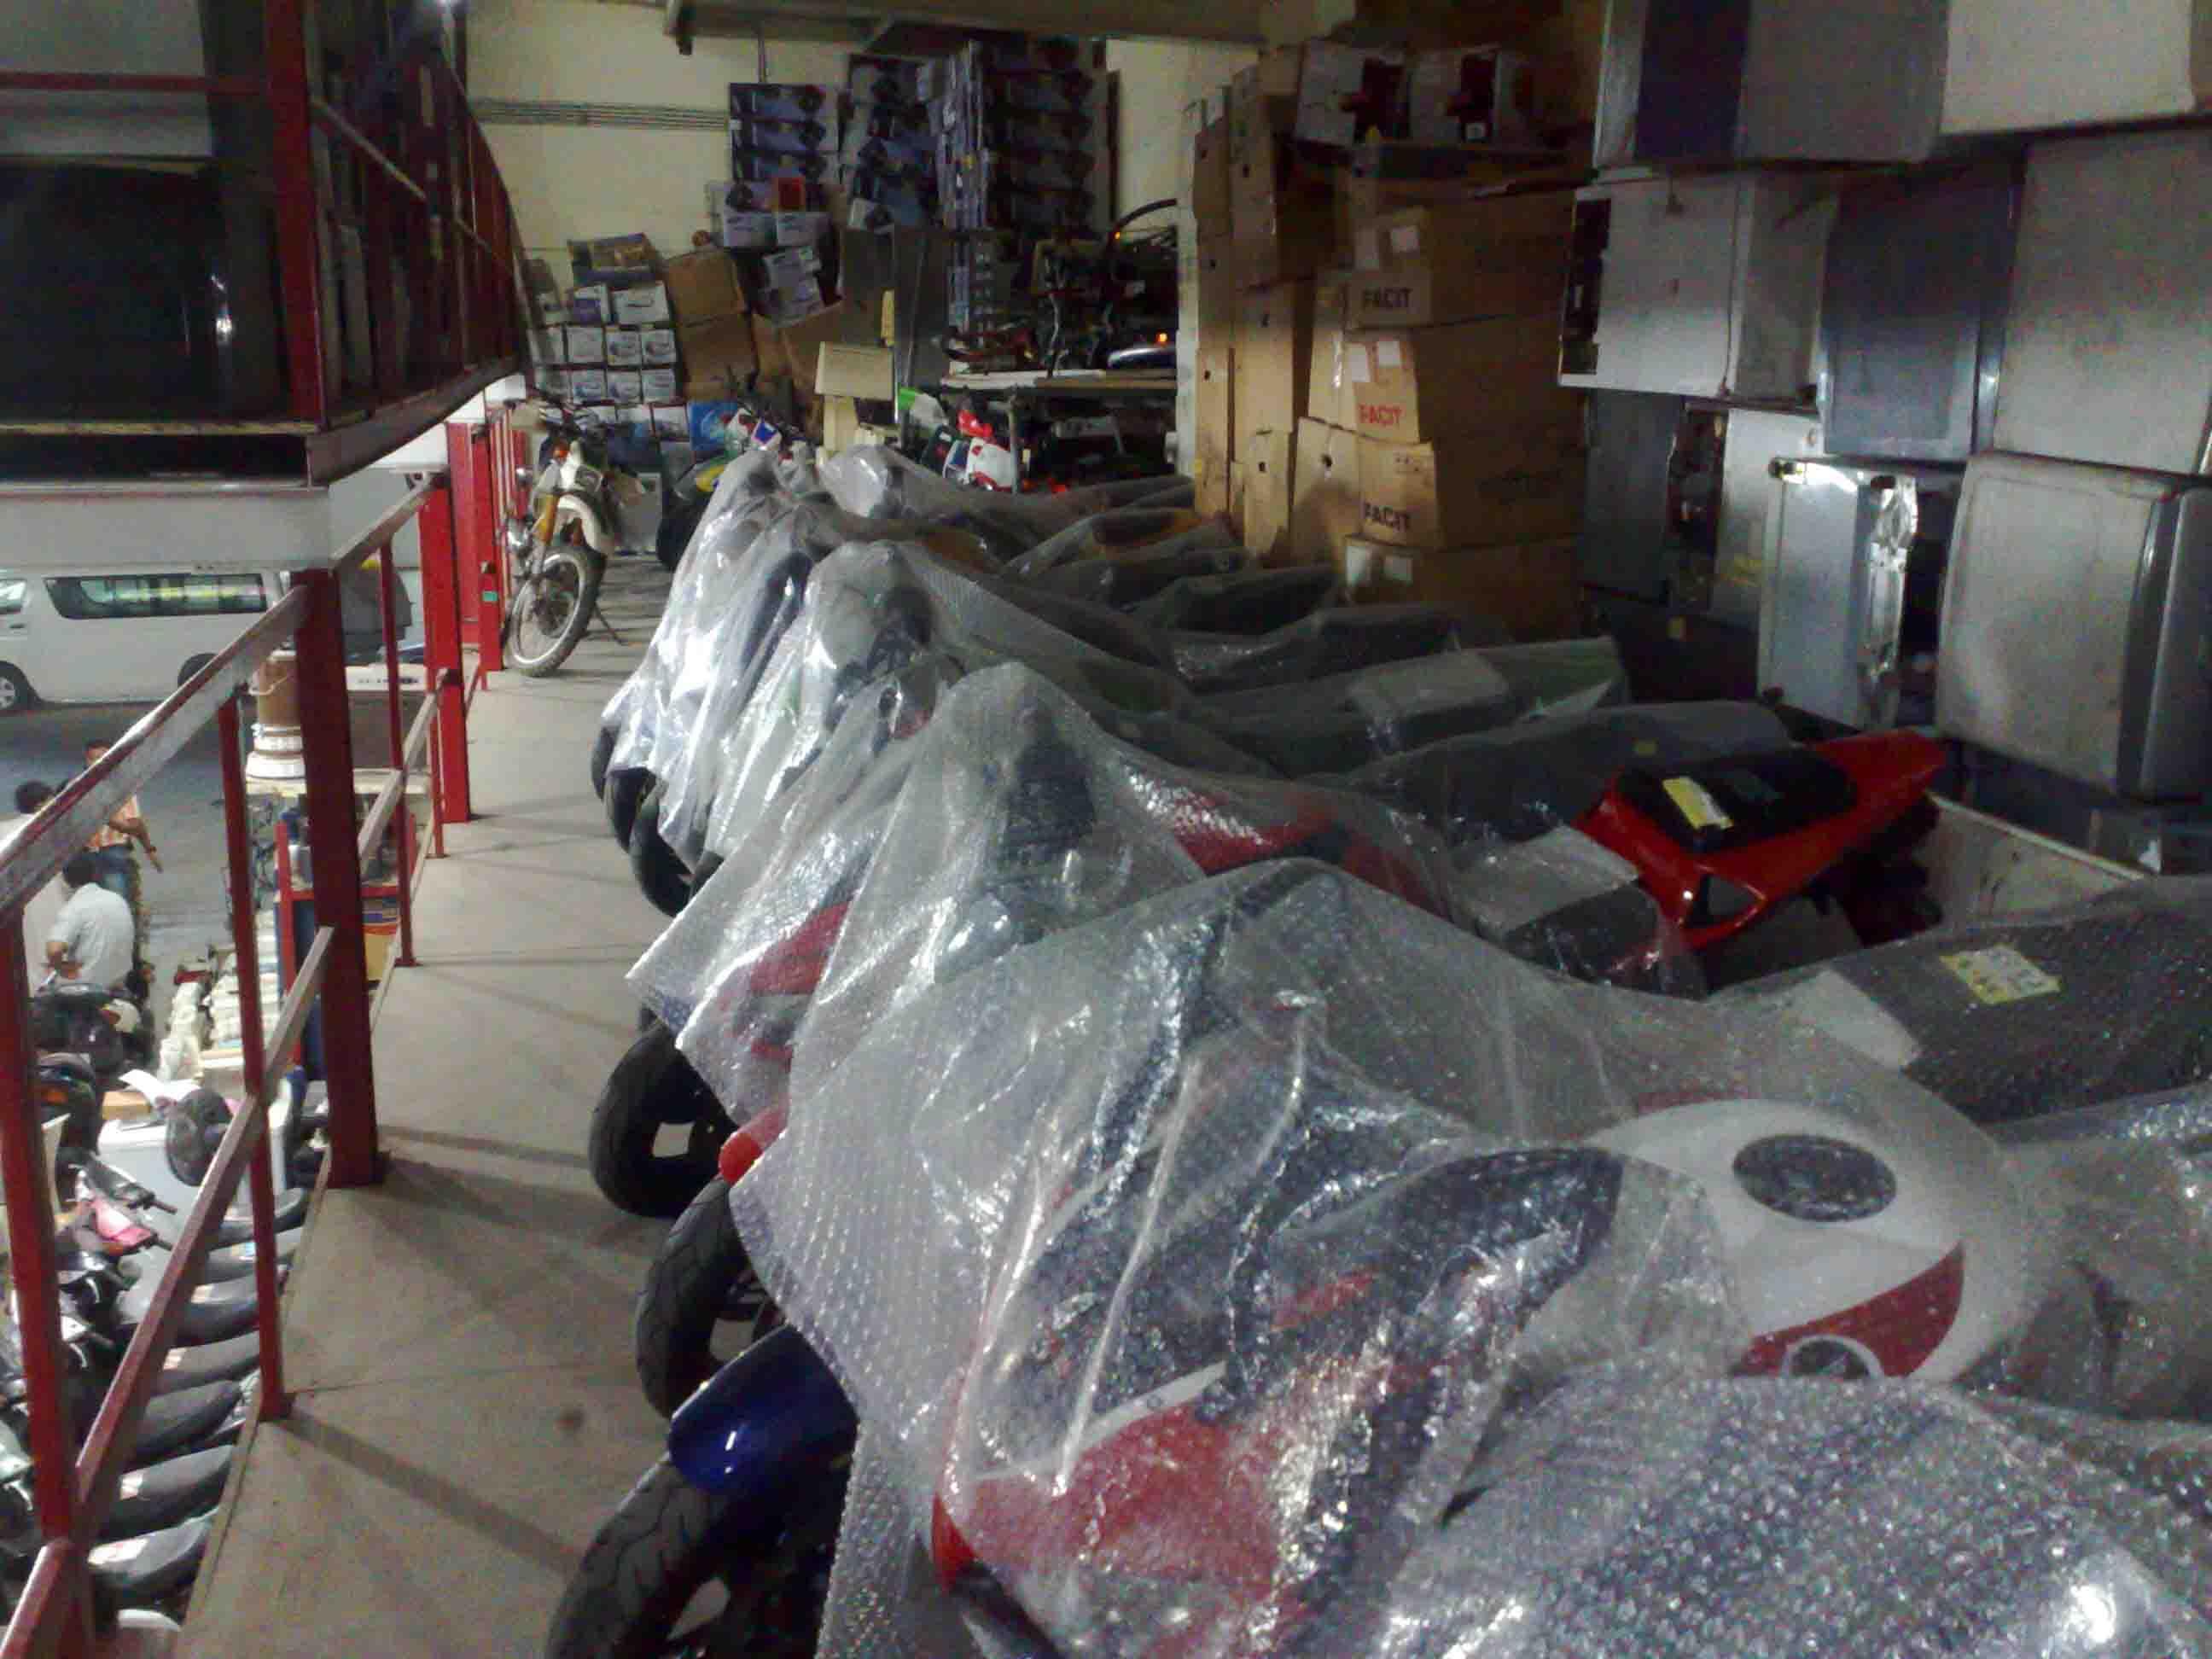 فروشگاه موتور سنگین در امارات متحده عربی..(تصاویر)